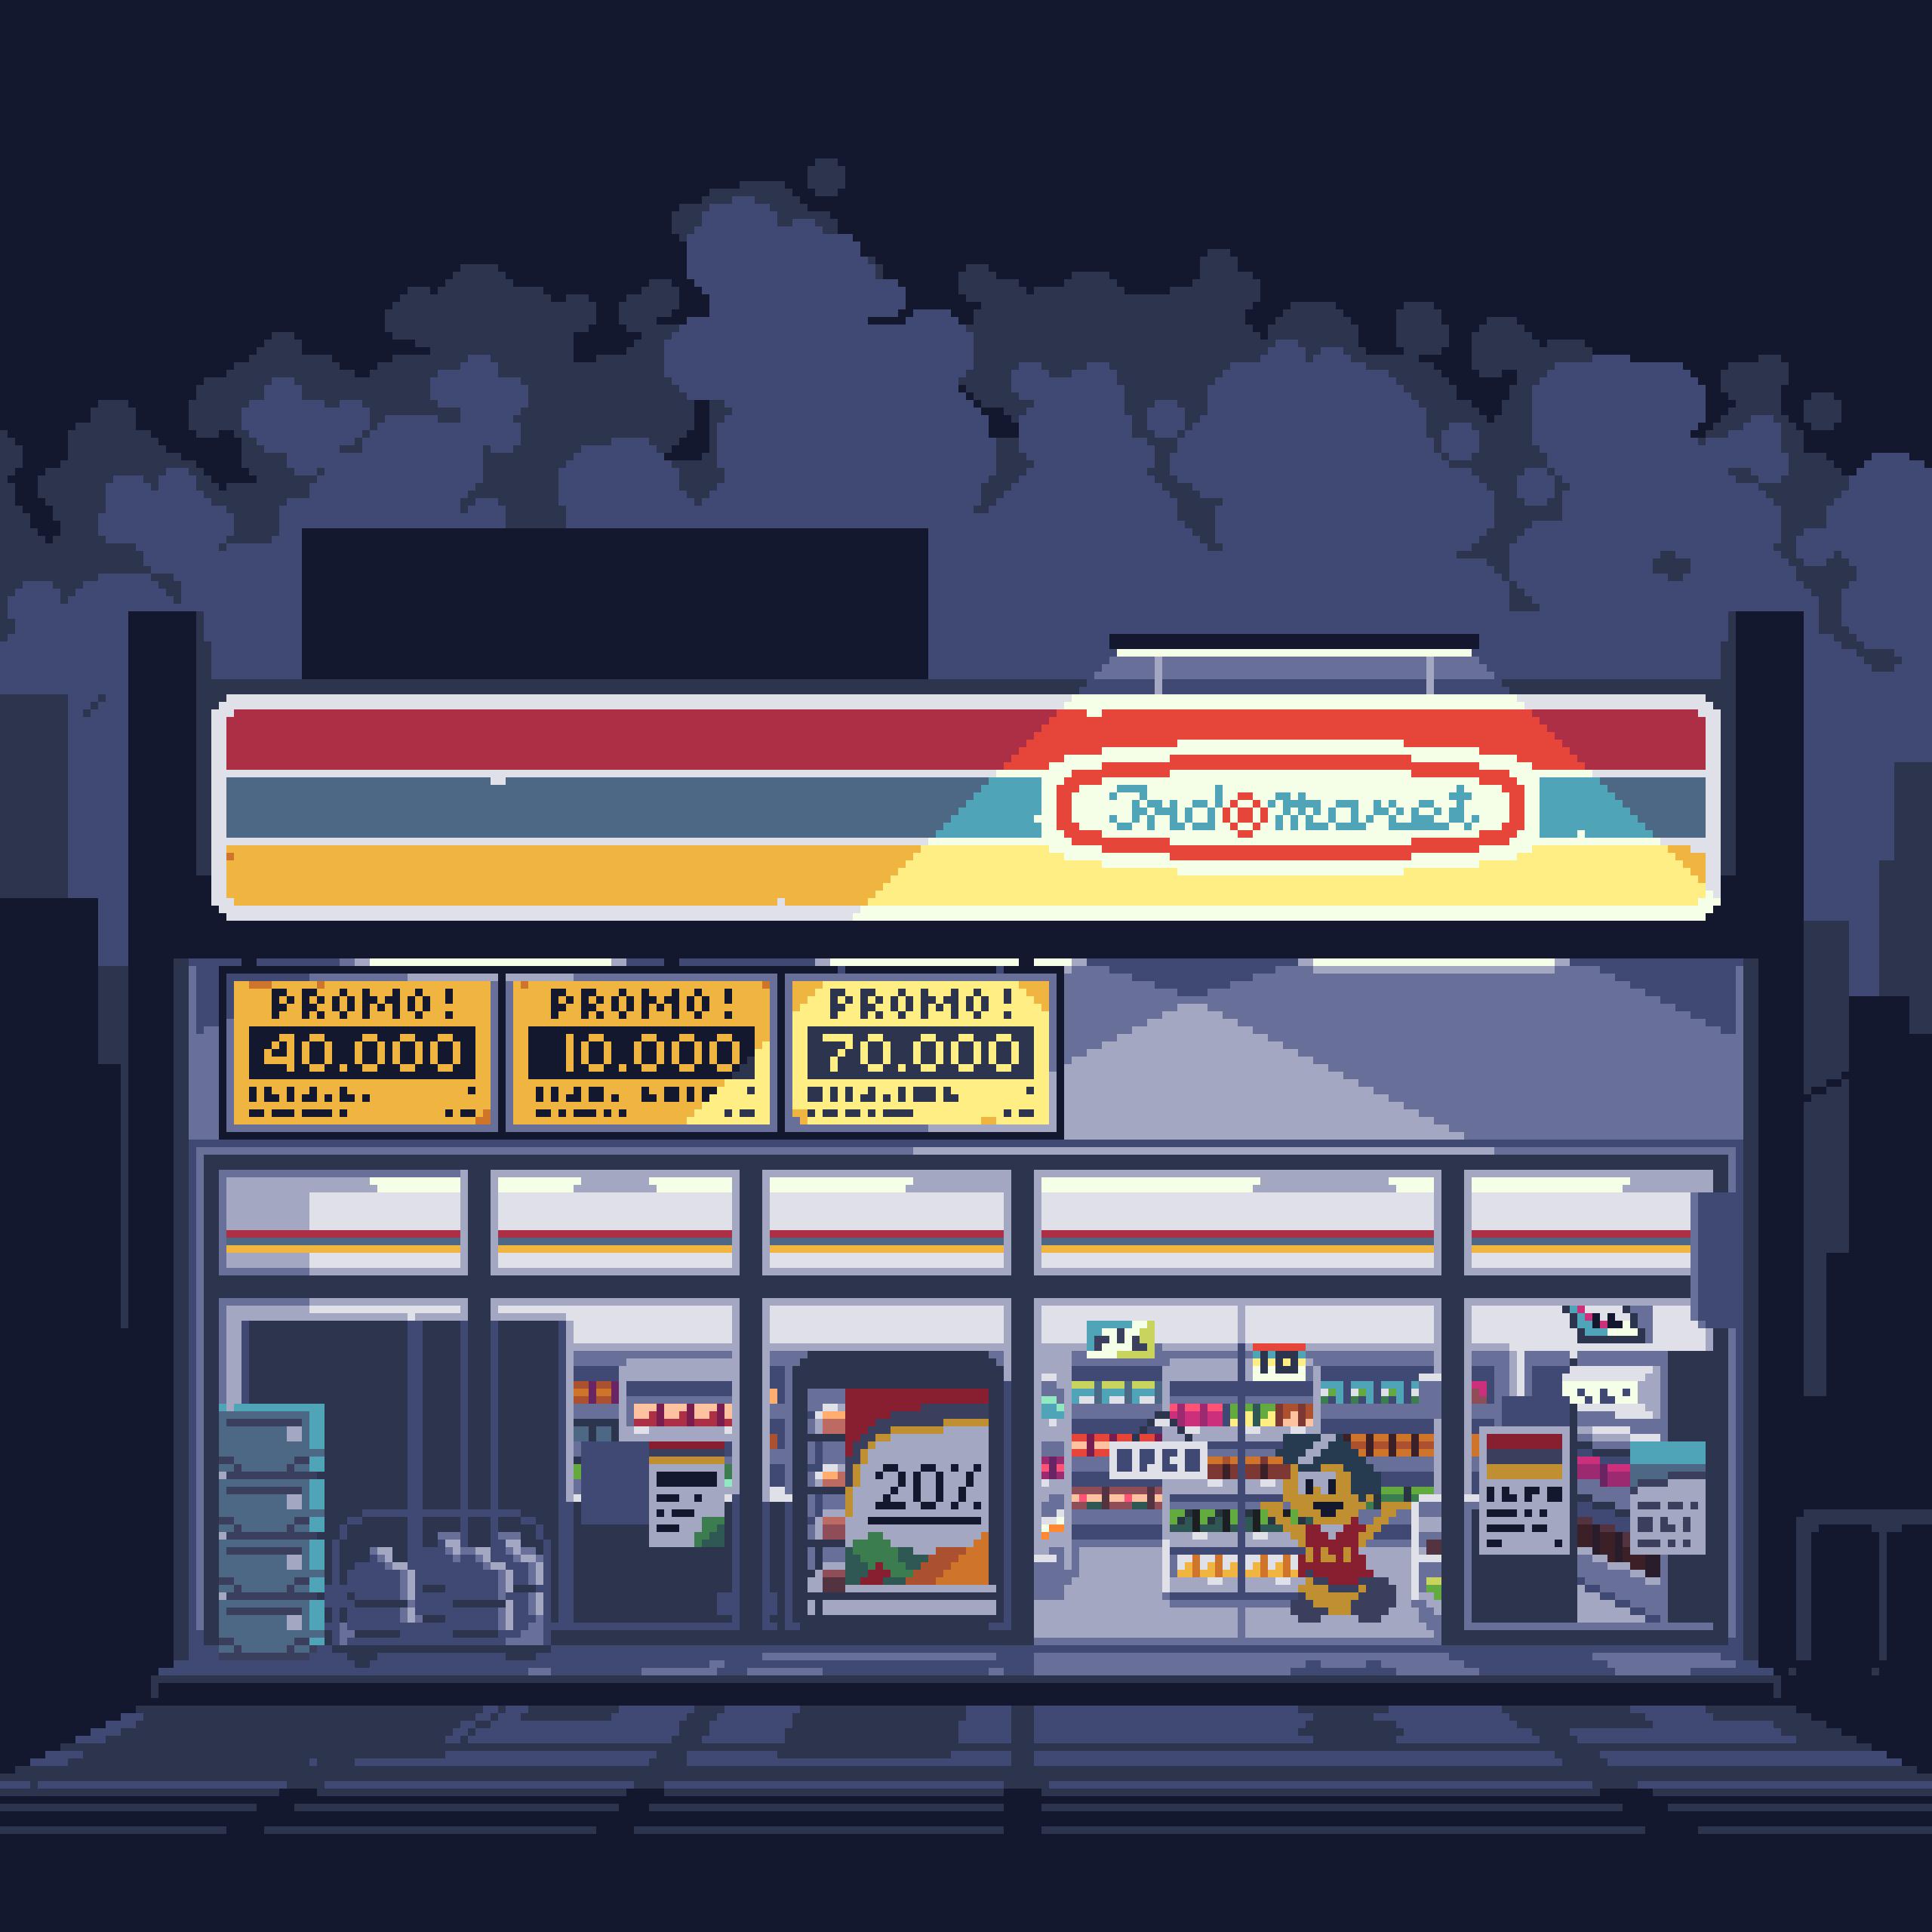 Indomaret pixelart by frosty_rabbid / Wildan R²